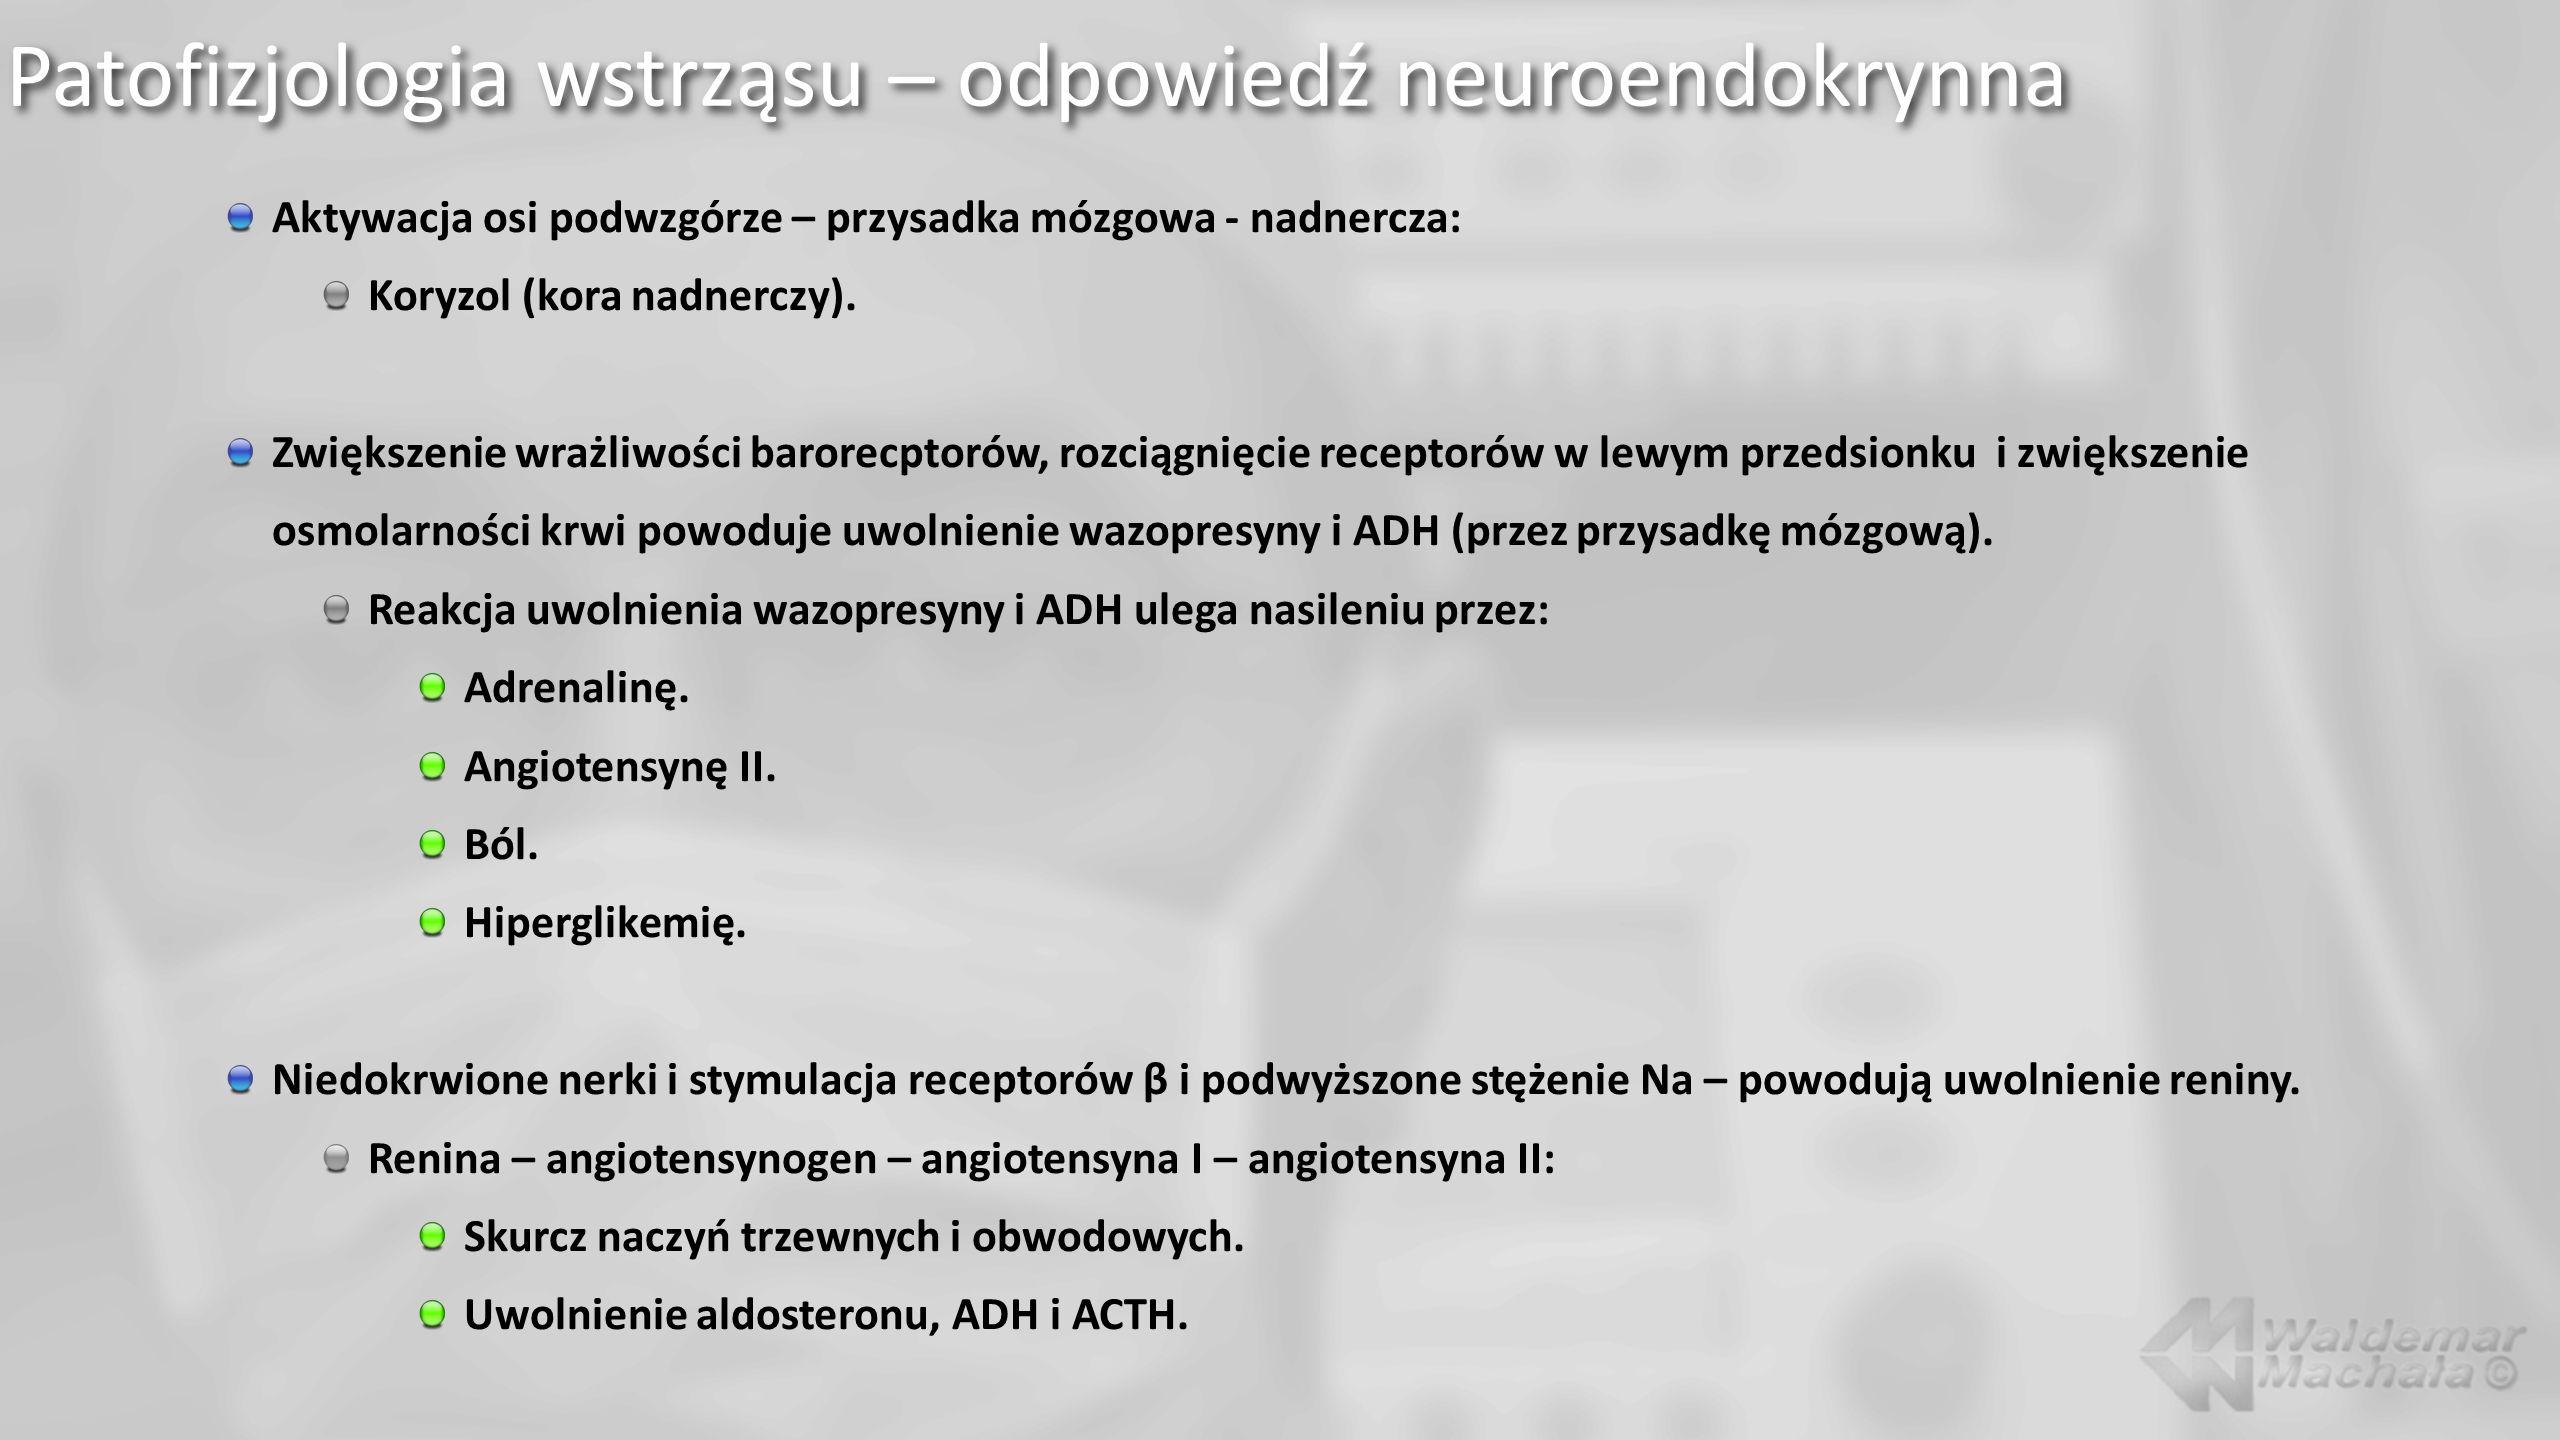 Patofizjologia wstrząsu – odpowiedź neuroendokrynna Aktywacja osi podwzgórze – przysadka mózgowa - nadnercza: Koryzol (kora nadnerczy).